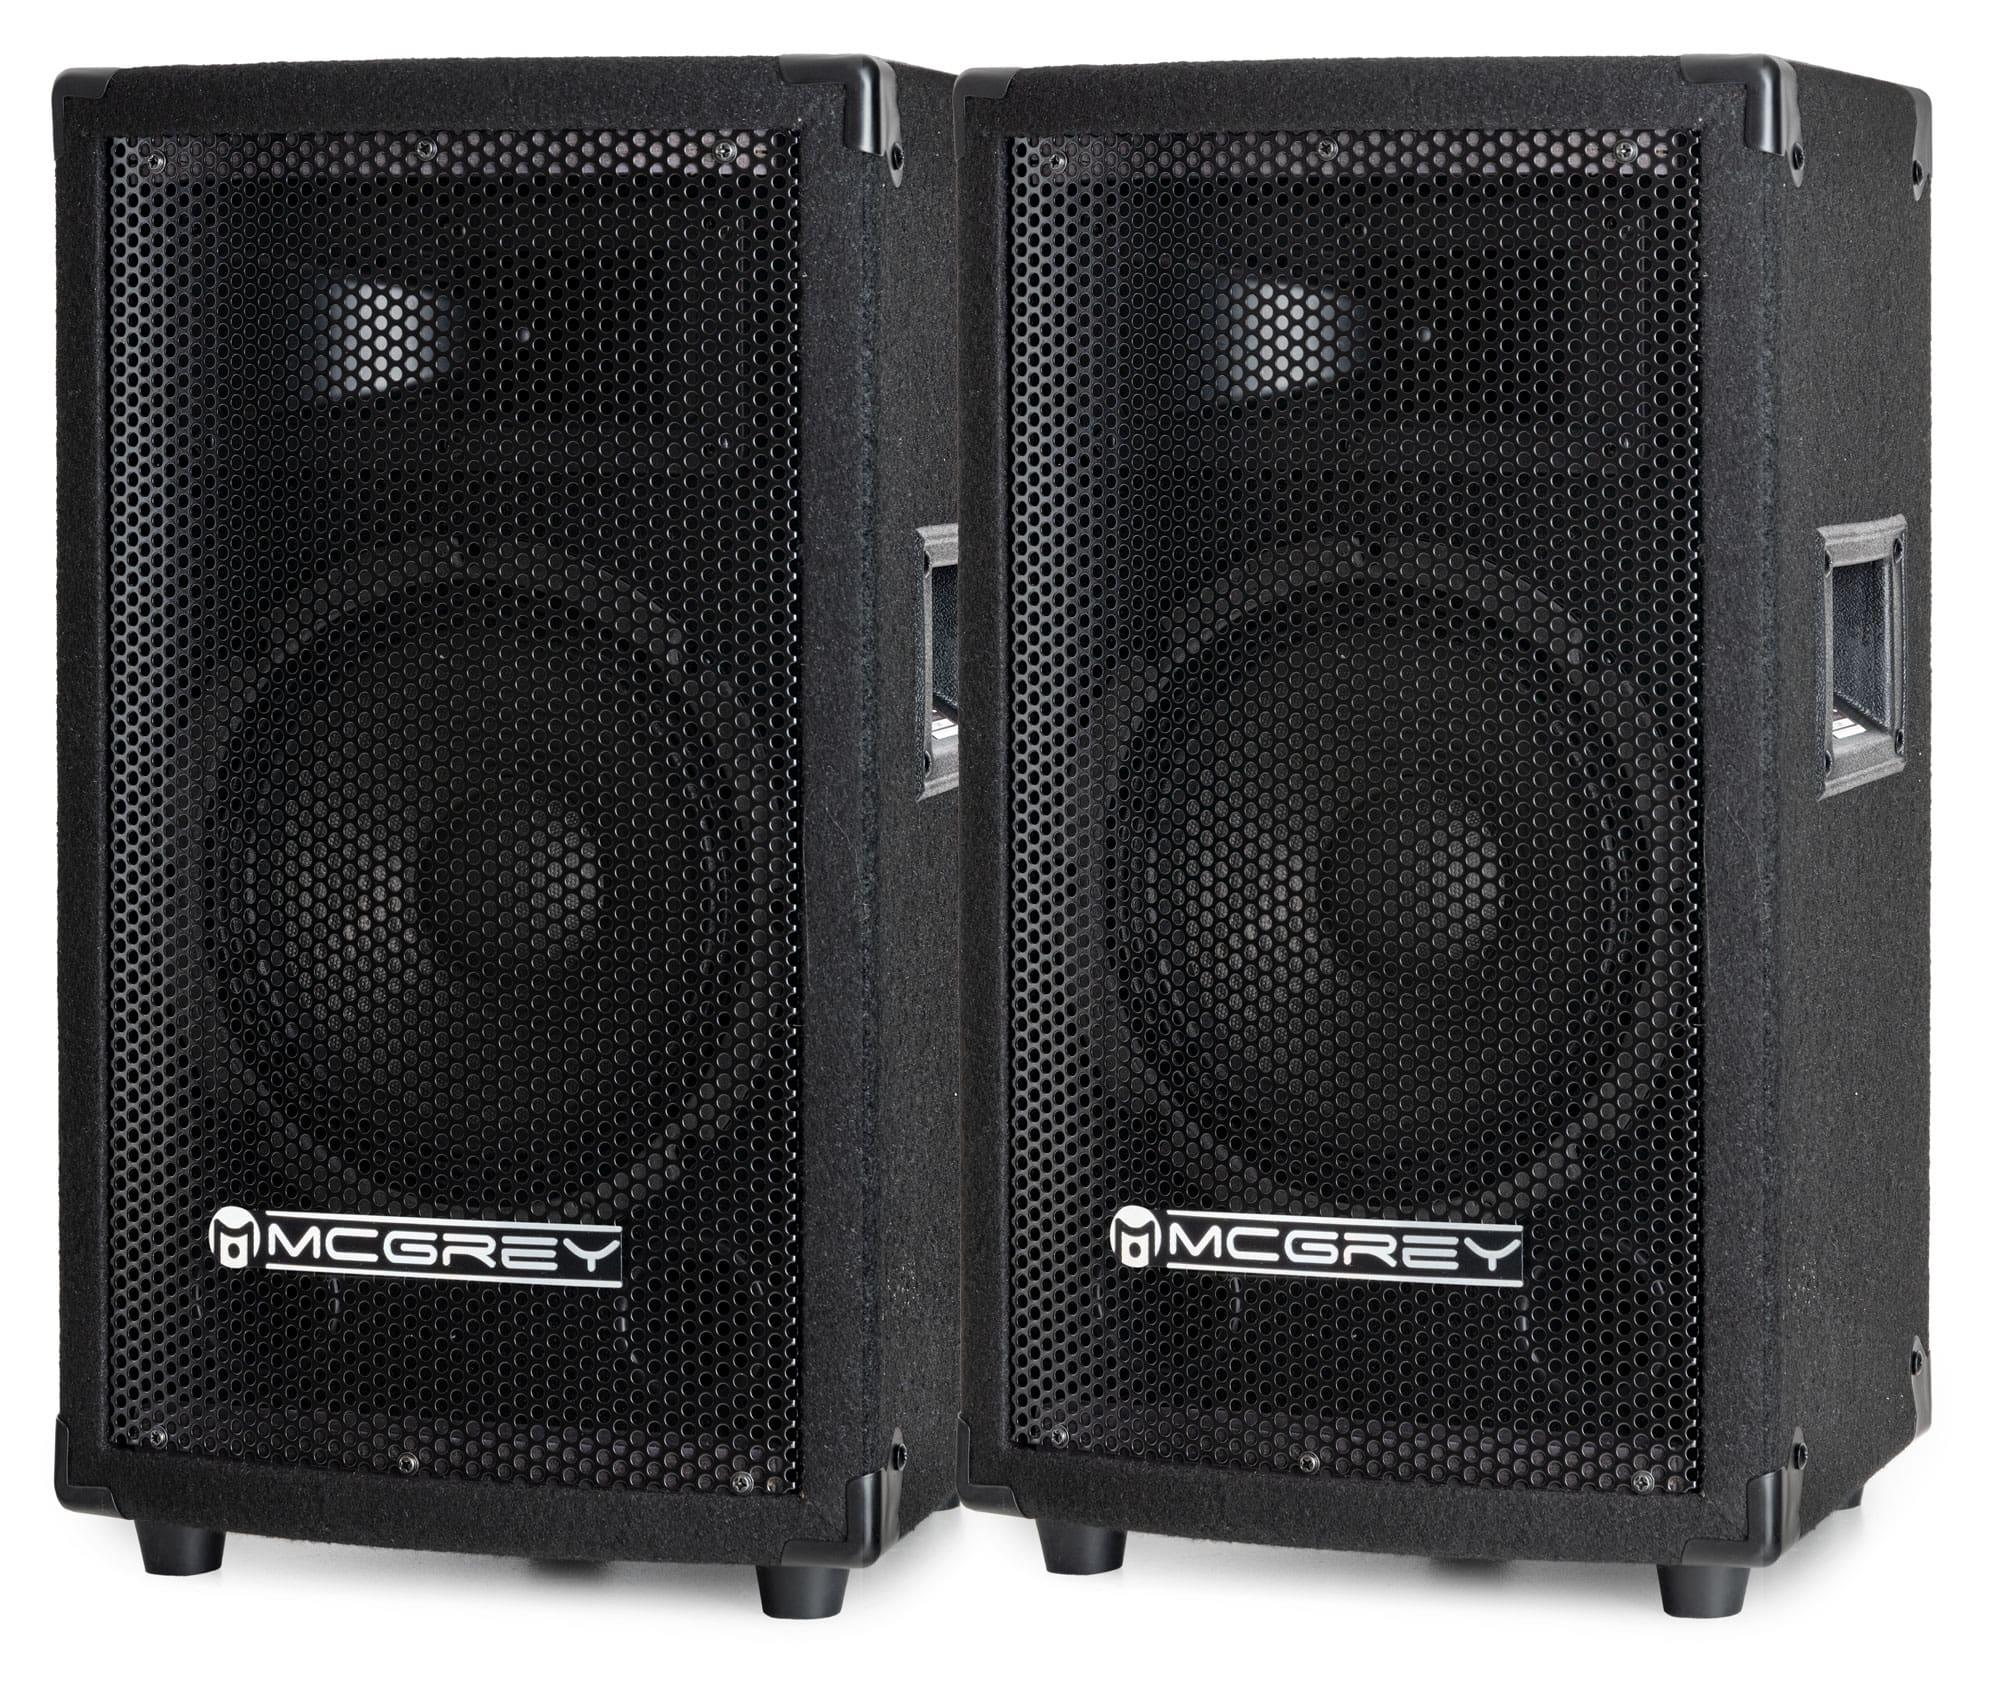 Paboxen - McGrey TP 8 DJ und Partybox Paar 2x 300W - Onlineshop Musikhaus Kirstein